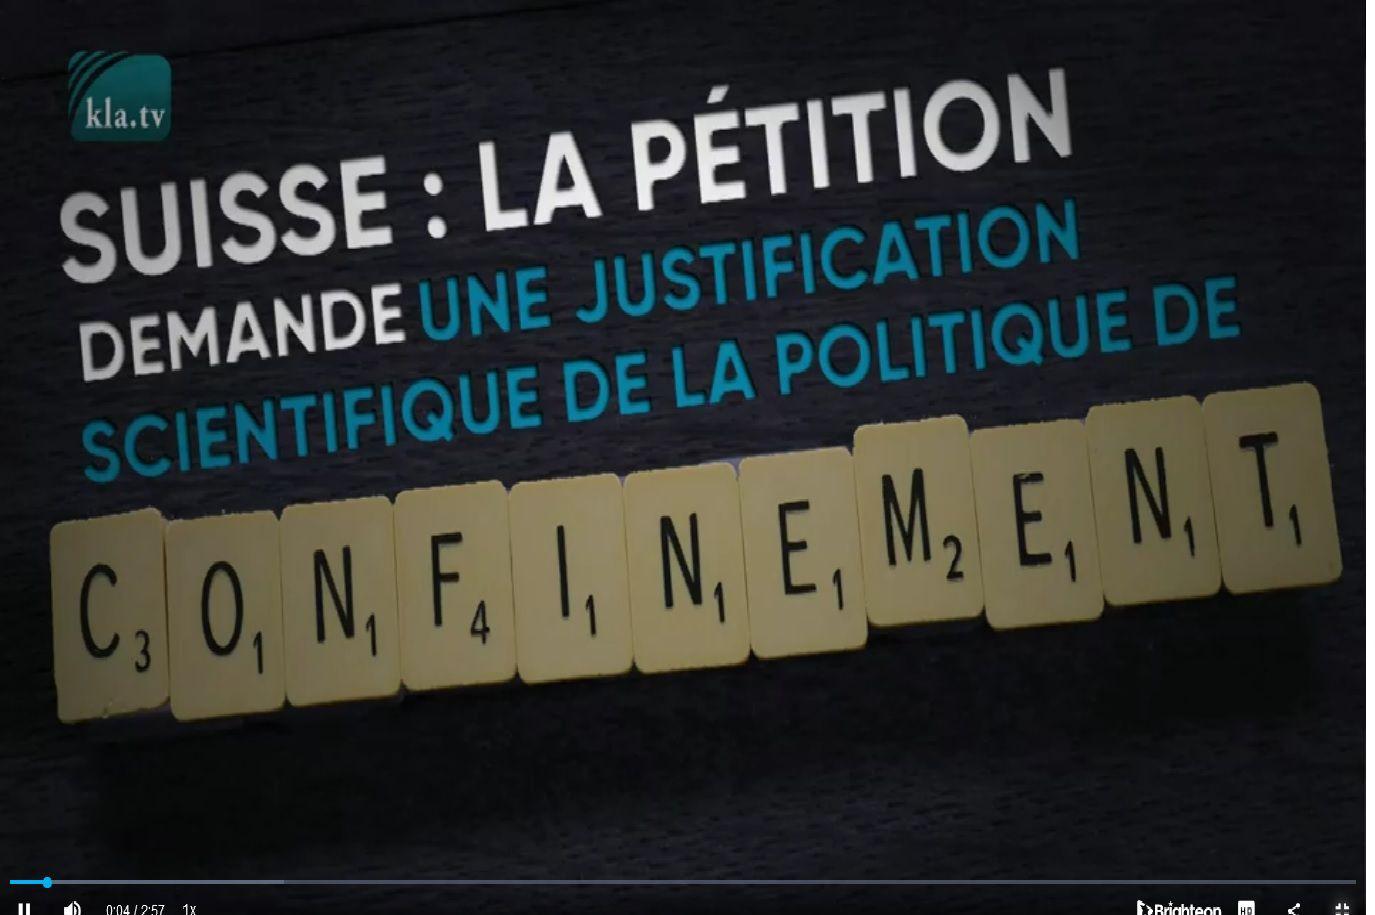 Une pétition suisse demande la justification scientifique du confinement